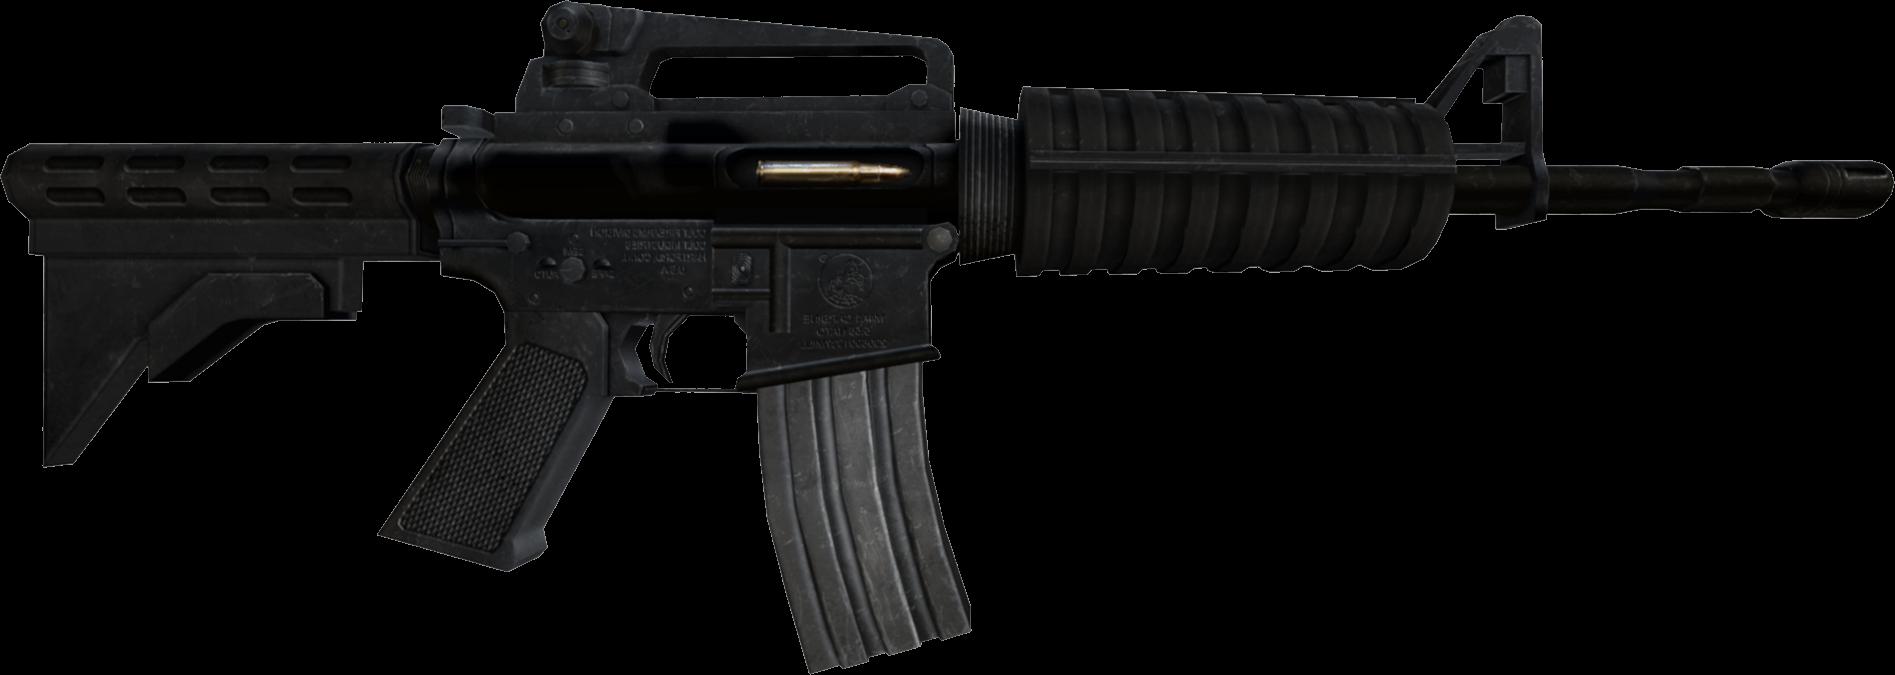 M assault rifle weapon. Clipart gun border